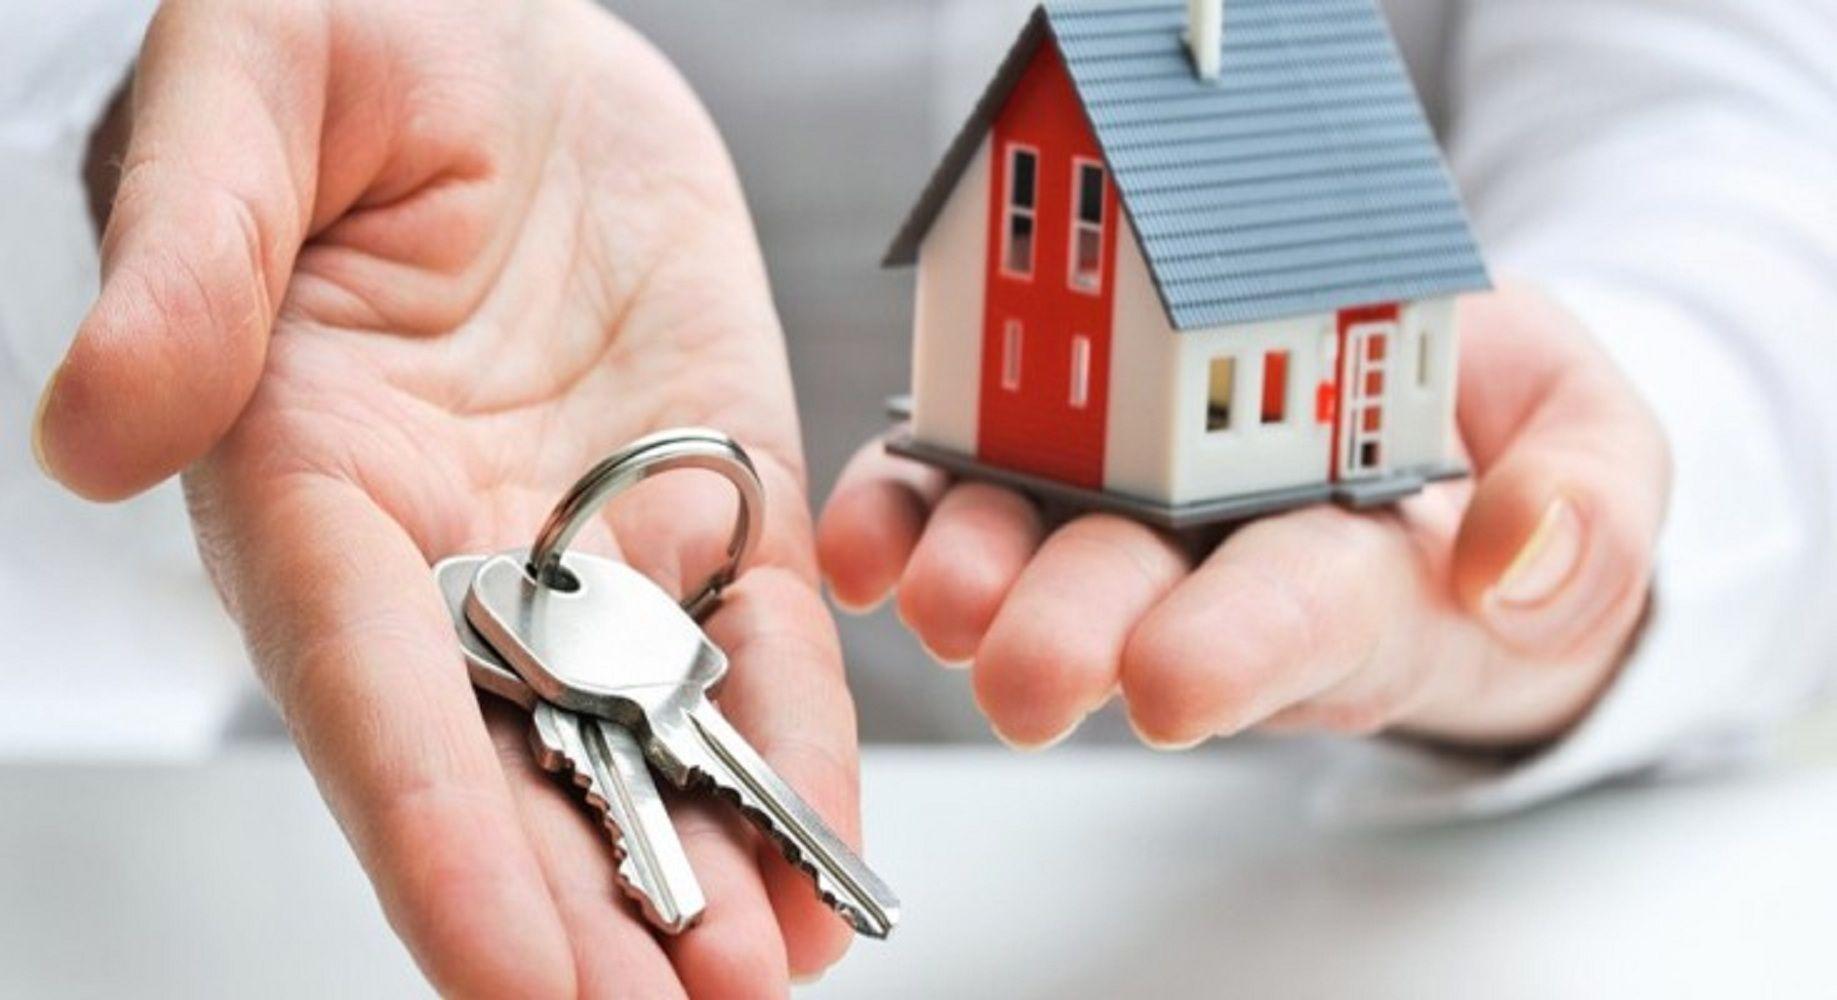 El Banco Central autoriza a las personas físicas a comprar US$100 mil para adquirir vivienda única